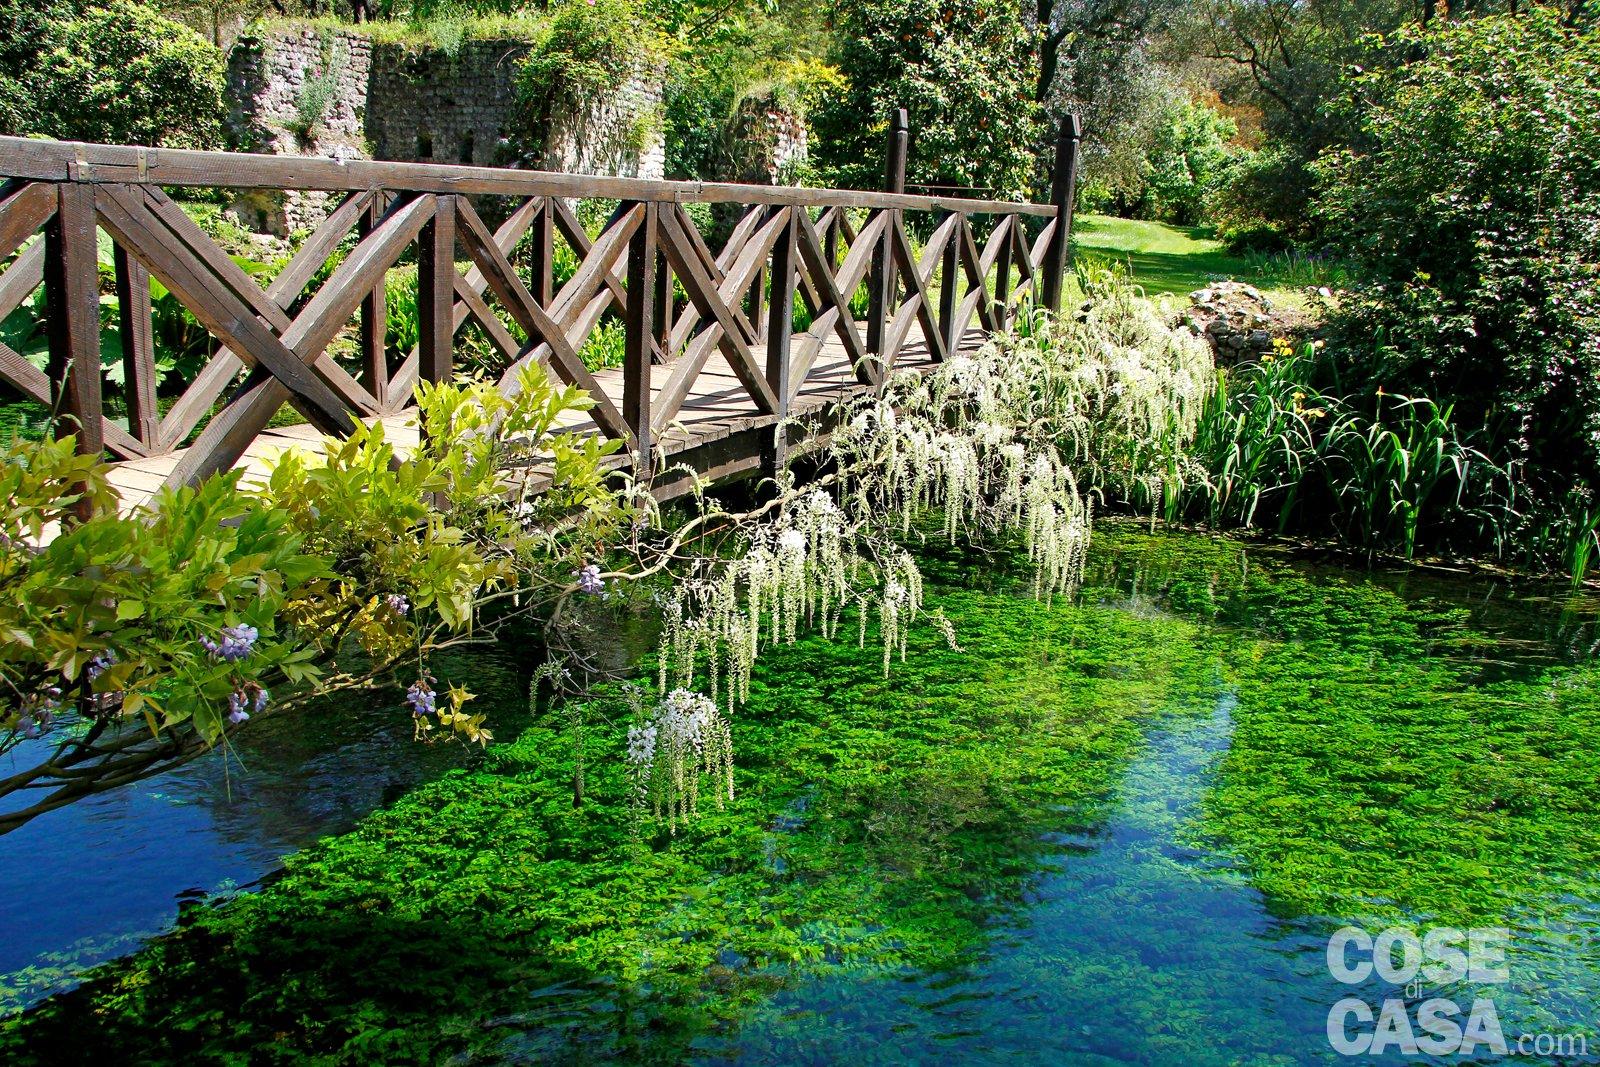 Giardino di ninfa alla scoperta delle piante cose di casa for Architetto giardini roma